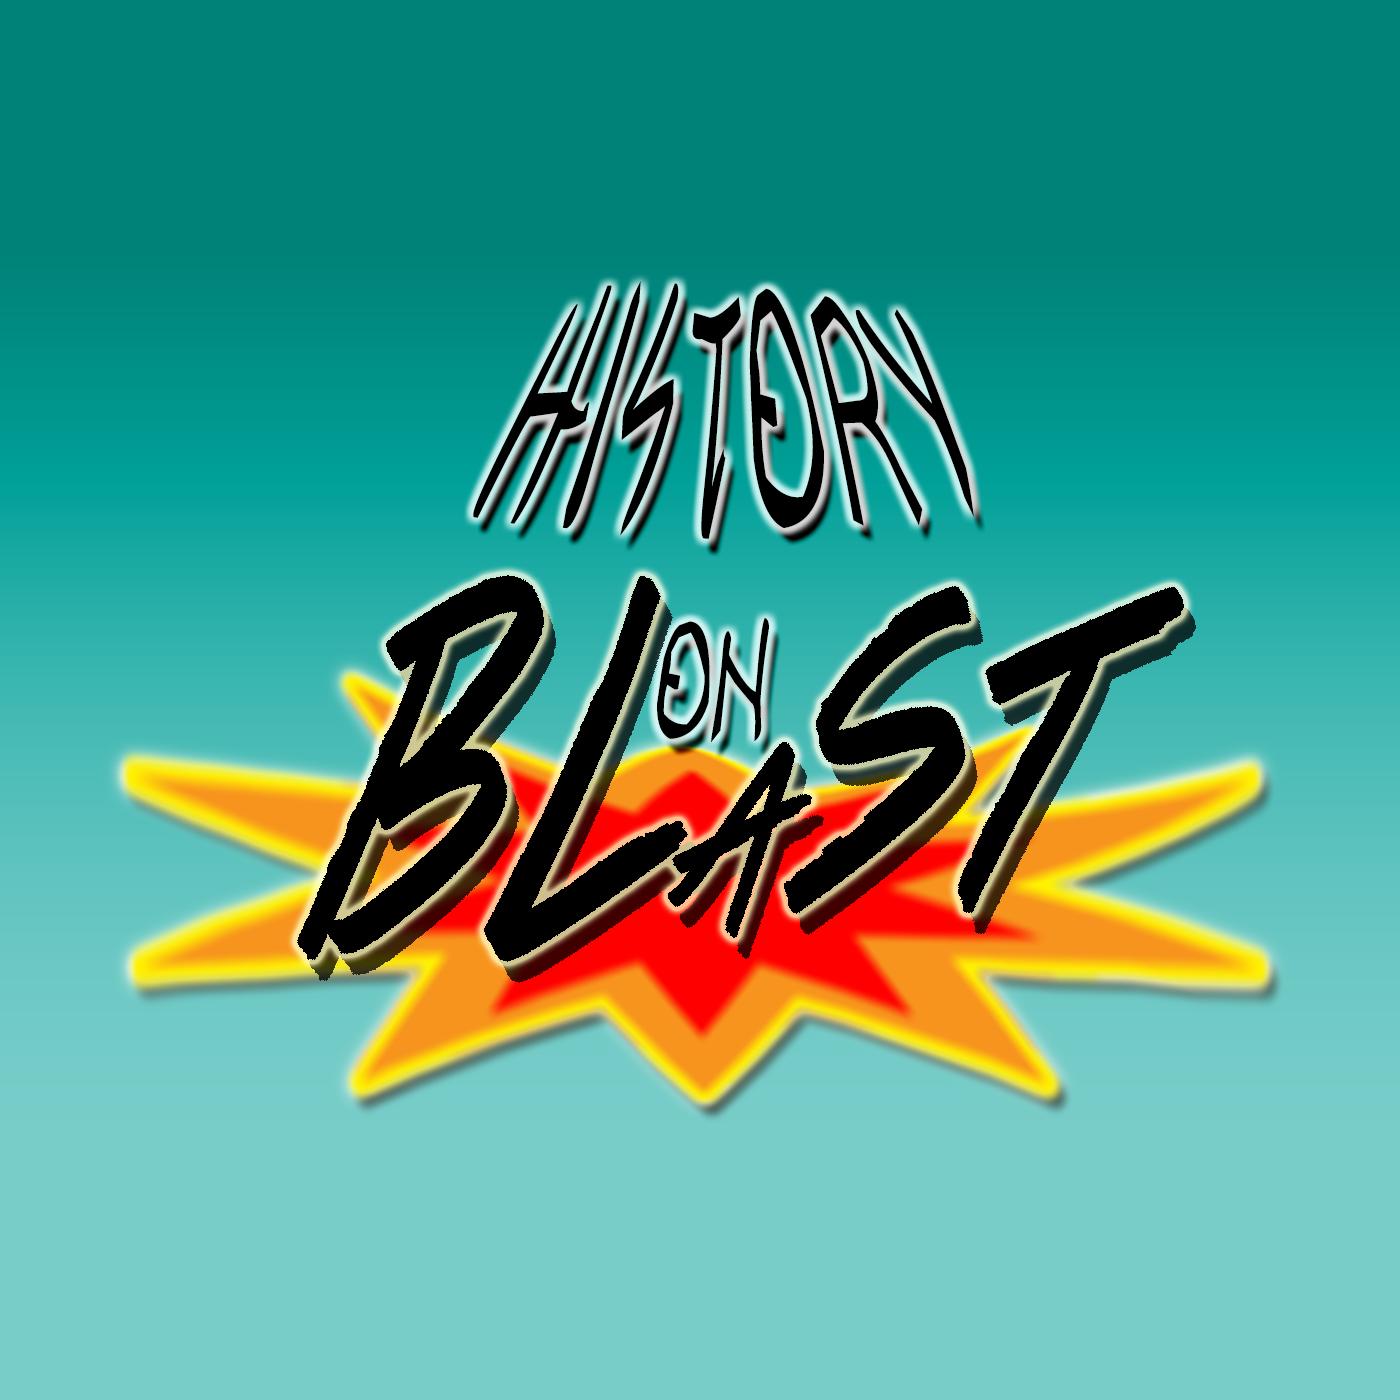 History on Blast